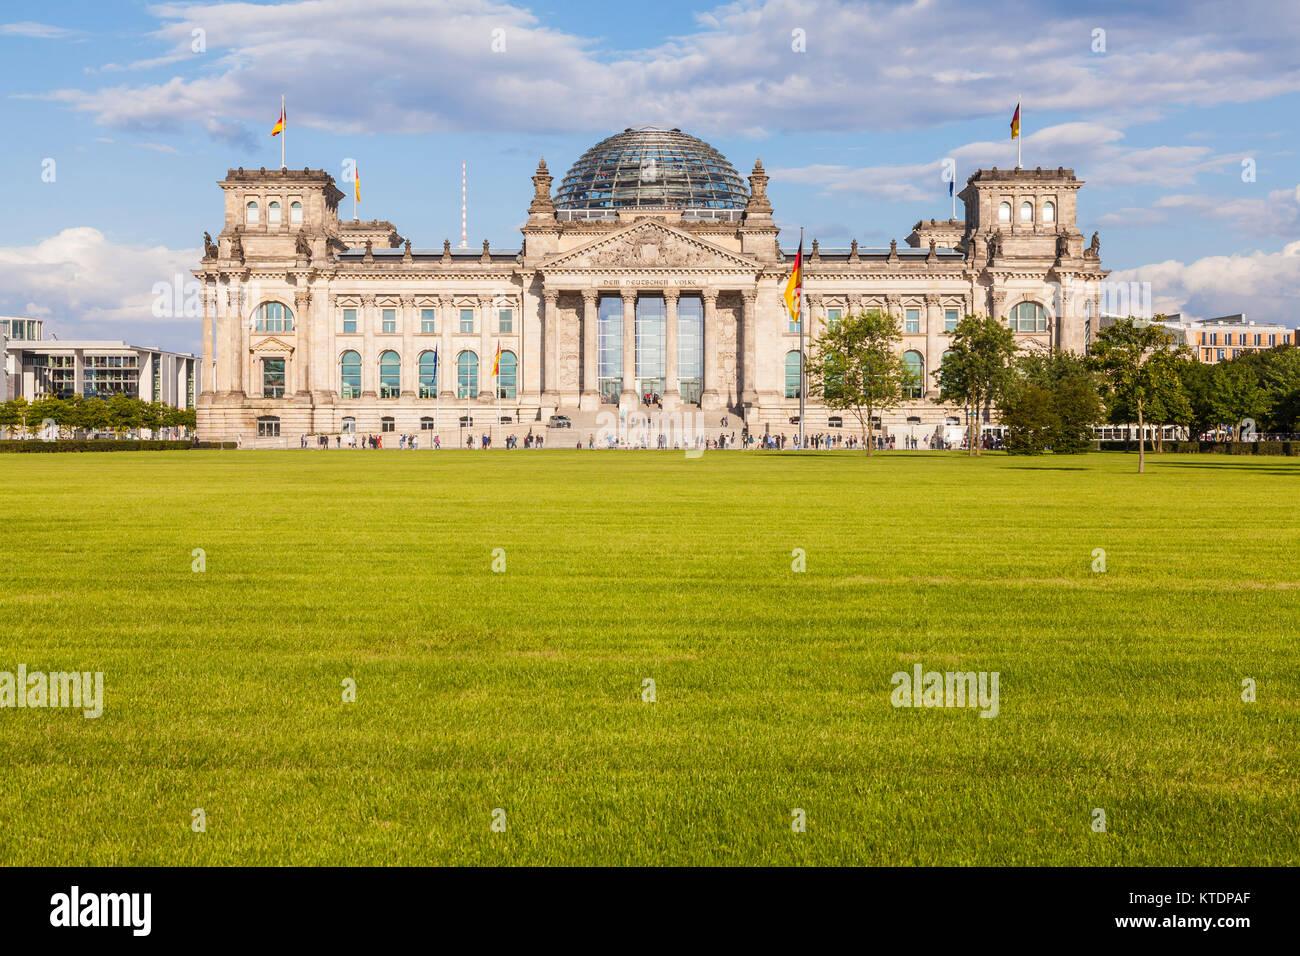 Deutschland, Berlin, Stadtmitte, Park, Deutscher Bundestag, Reichstag, Reichstagsgebäude, Reichstagskuppel, - Stock Image